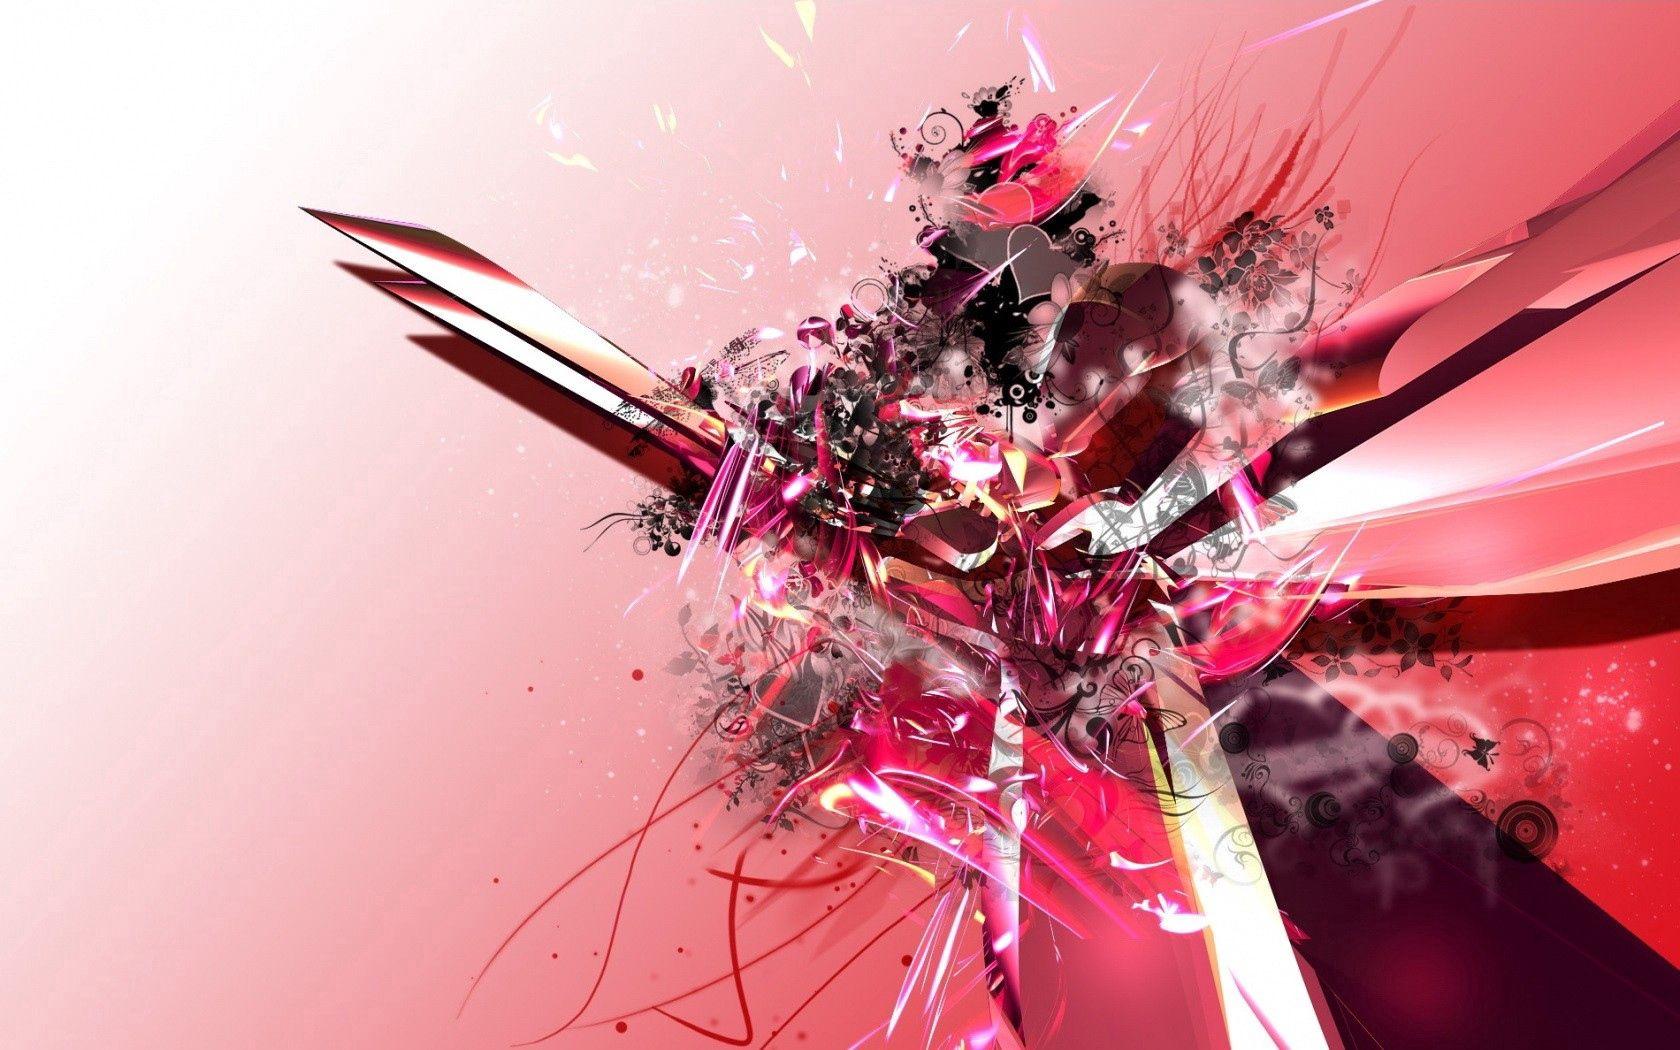 108571 скачать обои Абстракция, Брызги, Взрыв, Фон, Свет, Цвет - заставки и картинки бесплатно